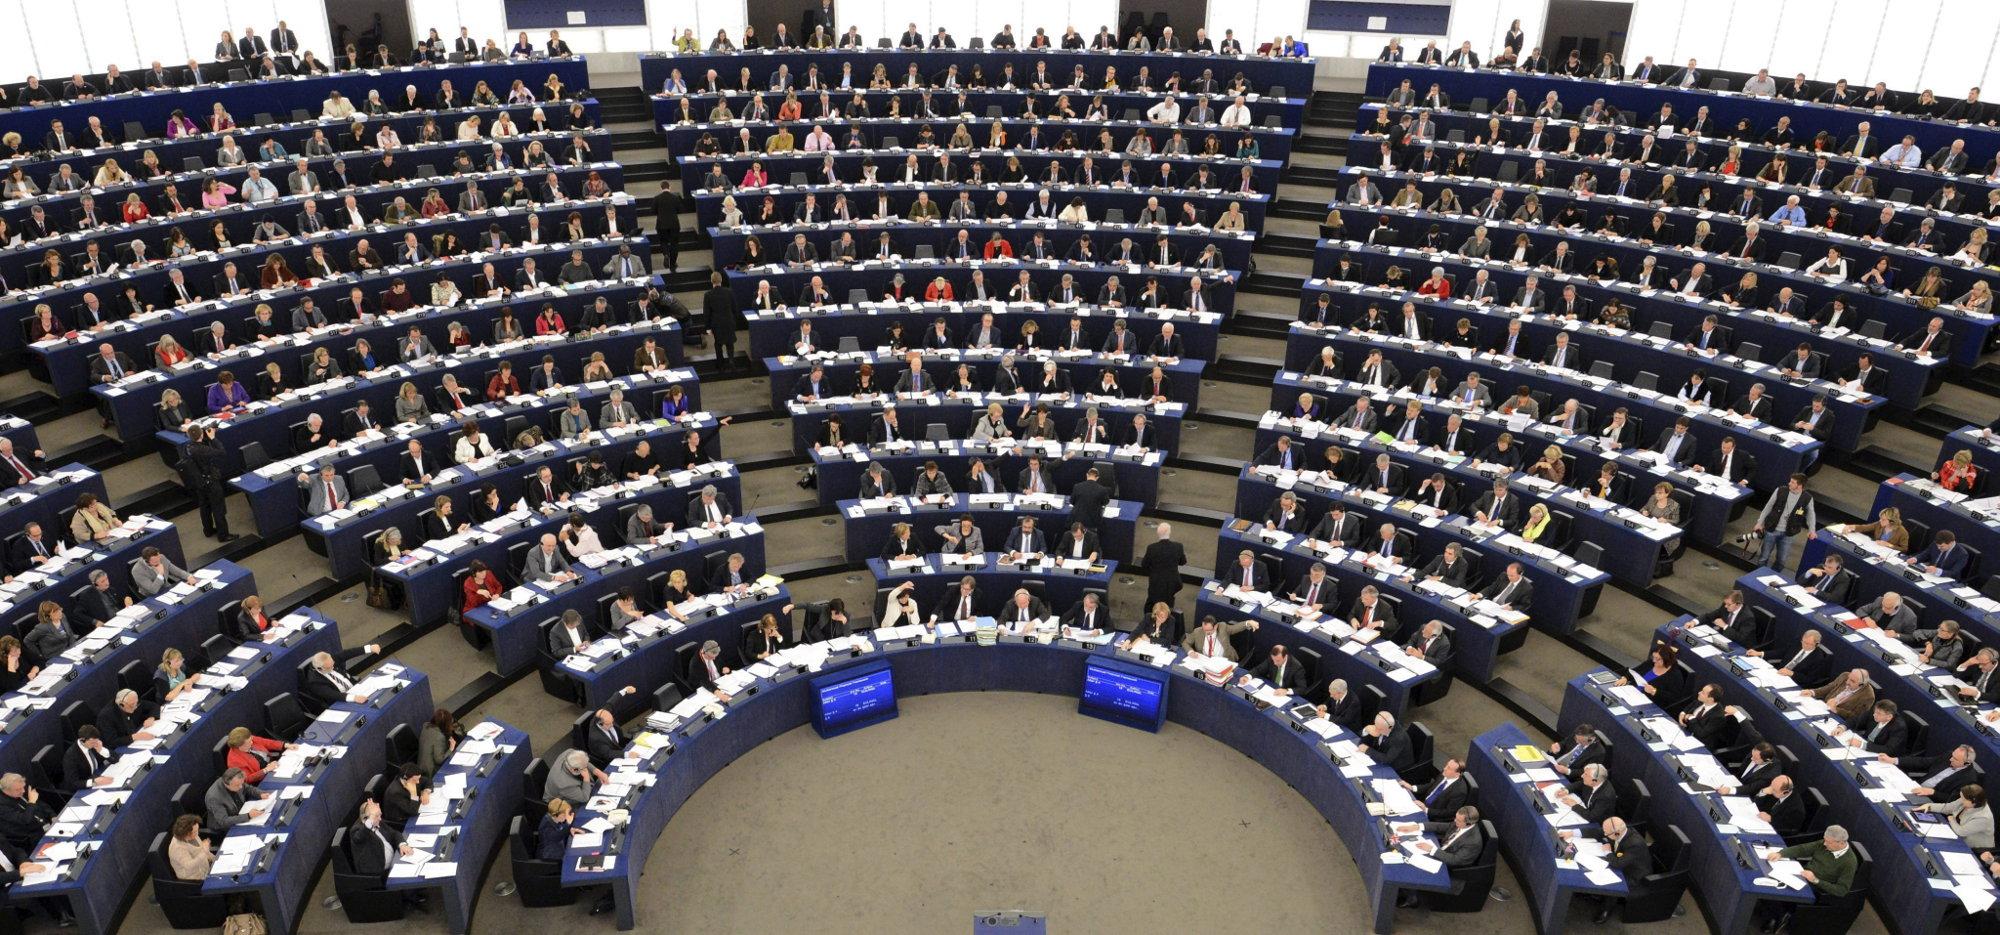 La Eurocámara pide fijar una 'tasa Google' europea si fracasan los  esfuerzos internacionales - Republica.com